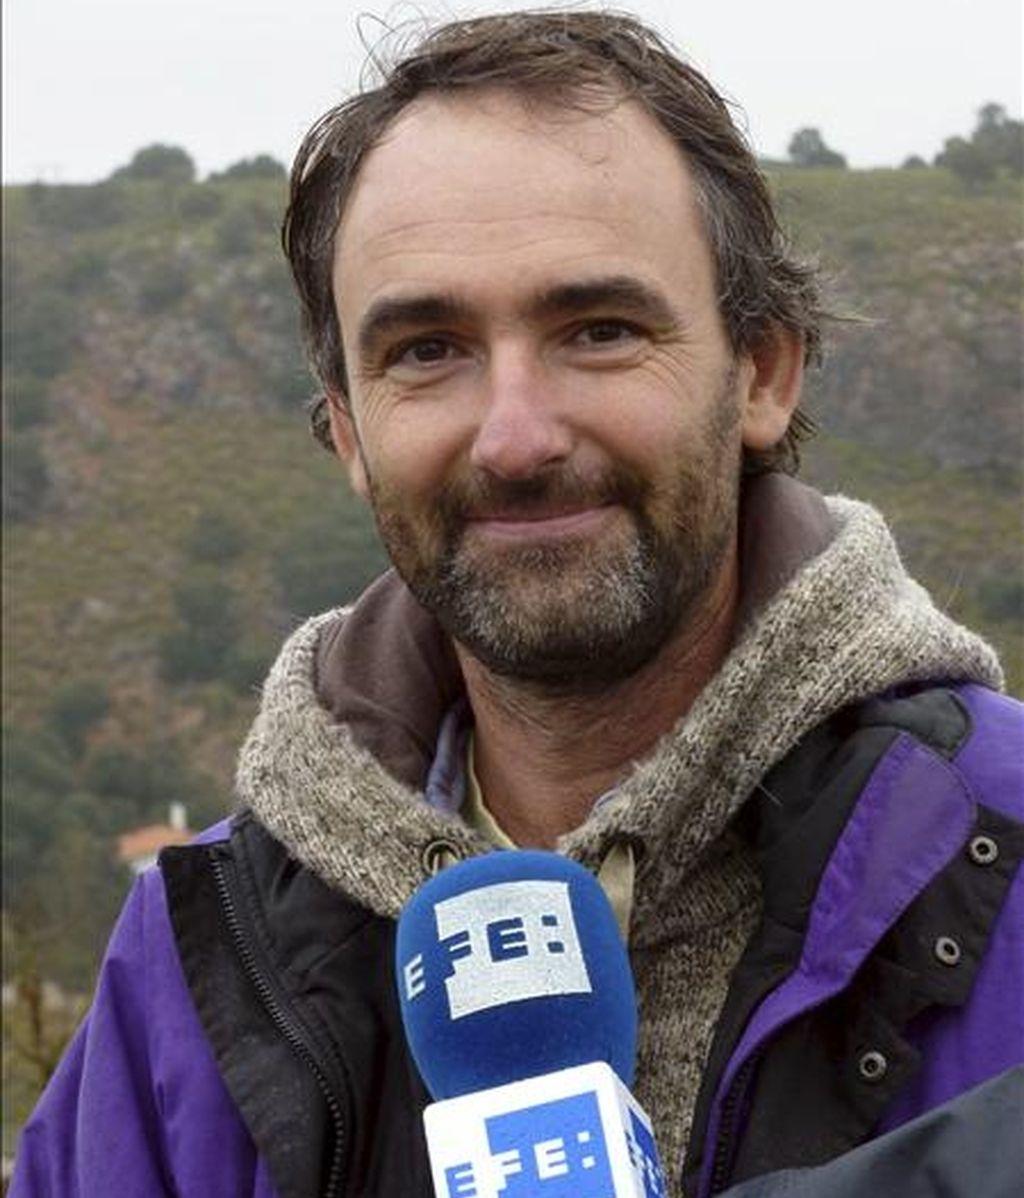 """El arqueólogo y antropólogo Luis Benítez de Lugo Enrich, durante una entrevista con Efe, en la que pone de manifiesto el """"singular"""" legado que las distintas generaciones que han vivido en torno al agua, han dejado en el curso alto del río Guadiana y sus afluentes. EFE"""